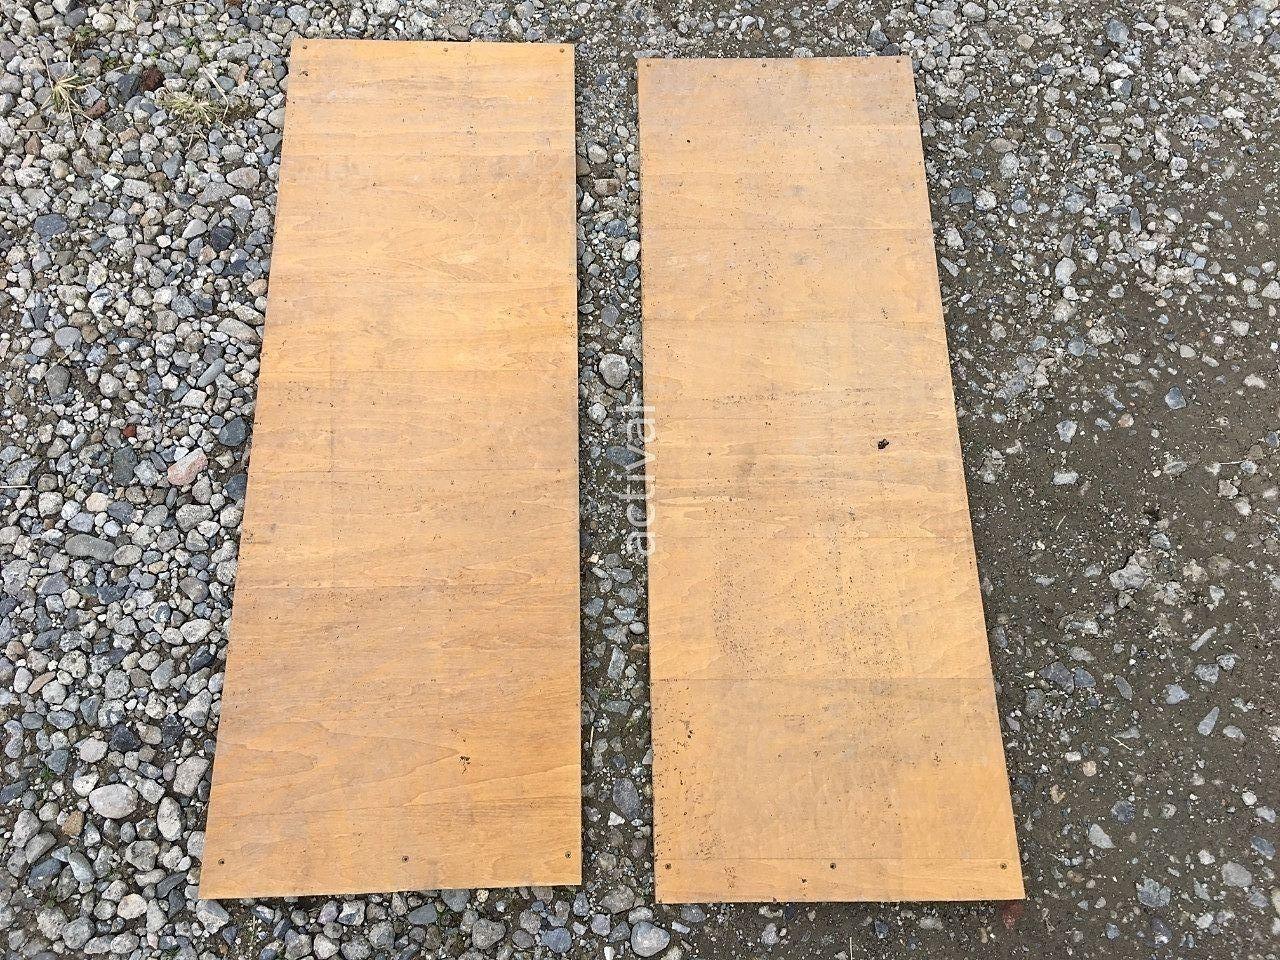 アスファルト補修材を固めるために板を使います!